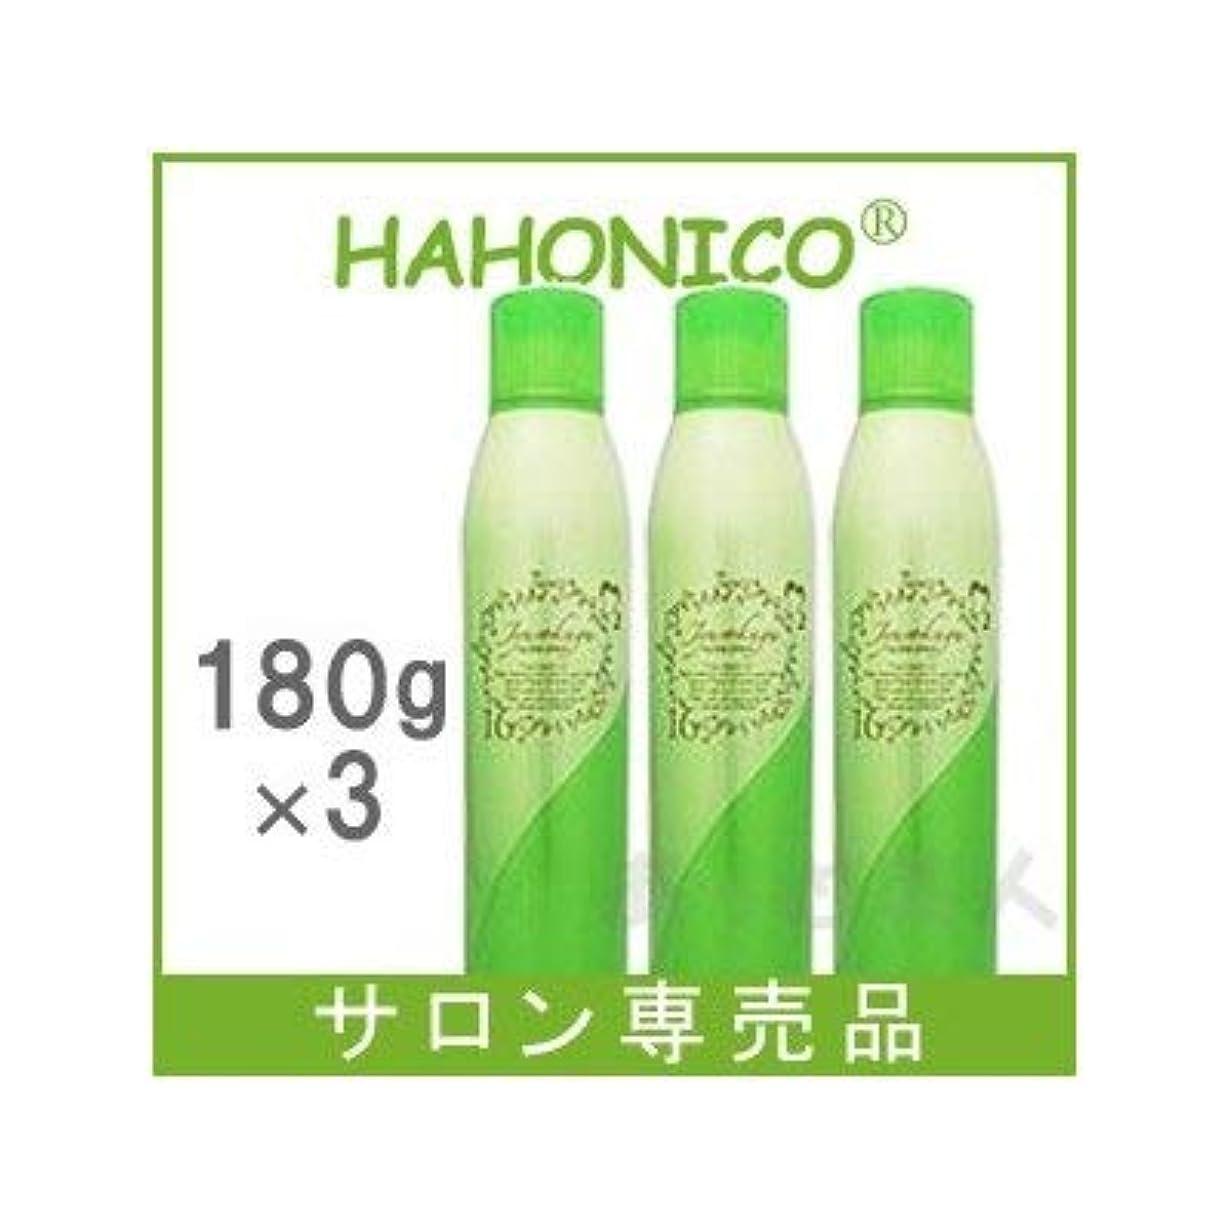 最大限あまりにも雪の【X3個セット】 ハホニコ ジュウロクユ ツヤスプレー 180g 十六油 HAHONICO